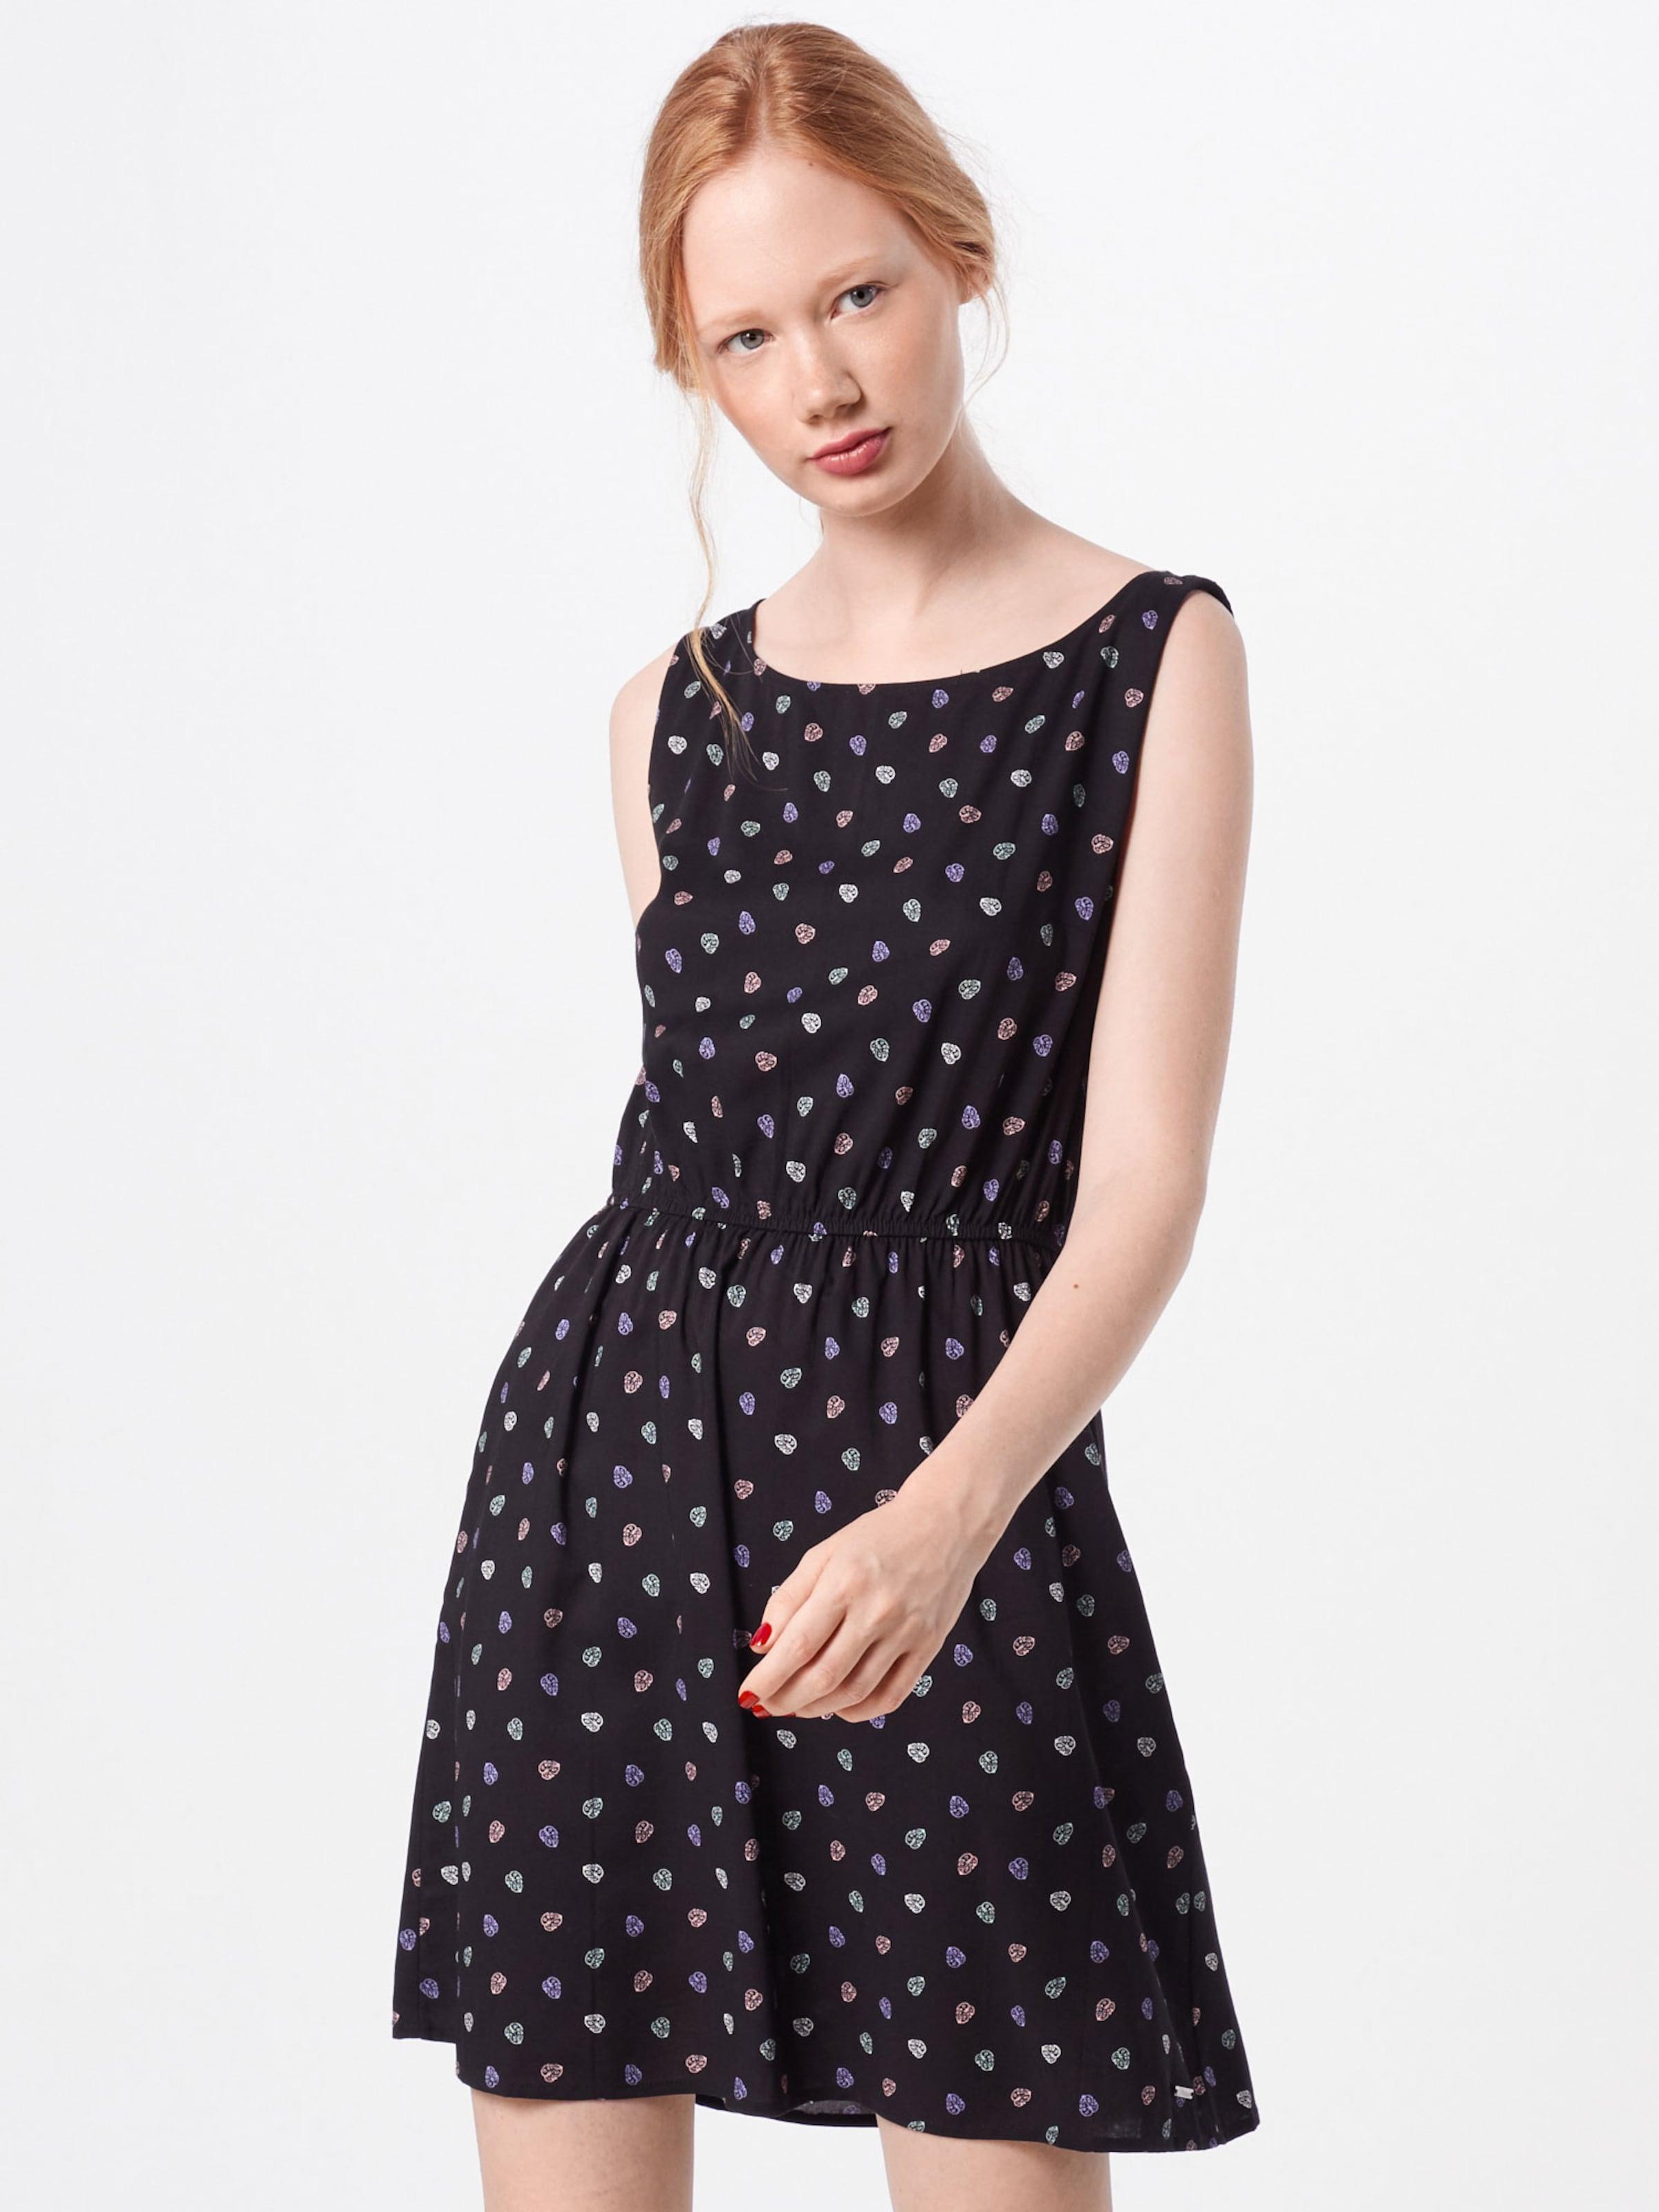 Kleid In Tom Tailor Denim MischfarbenSchwarz rQCxBshdt